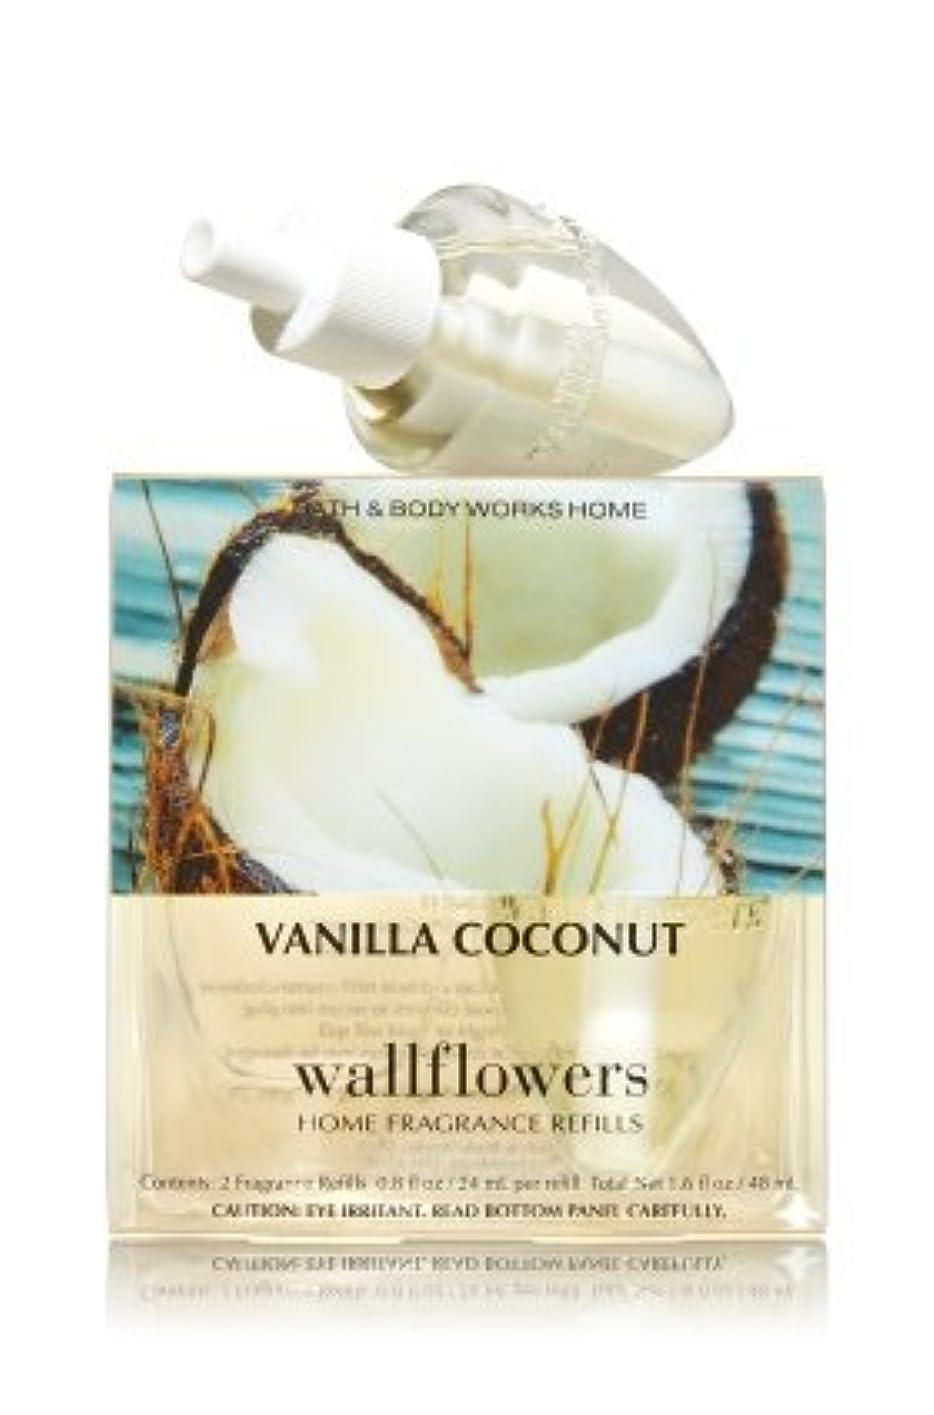 立ち向かうギャロップほめる【Bath&Body Works/バス&ボディワークス】 ルームフレグランス 詰替えリフィル(2個入り) バニラココナッツ Wallflowers Home Fragrance 2-Pack Refills Vanilla Coconut [並行輸入品]